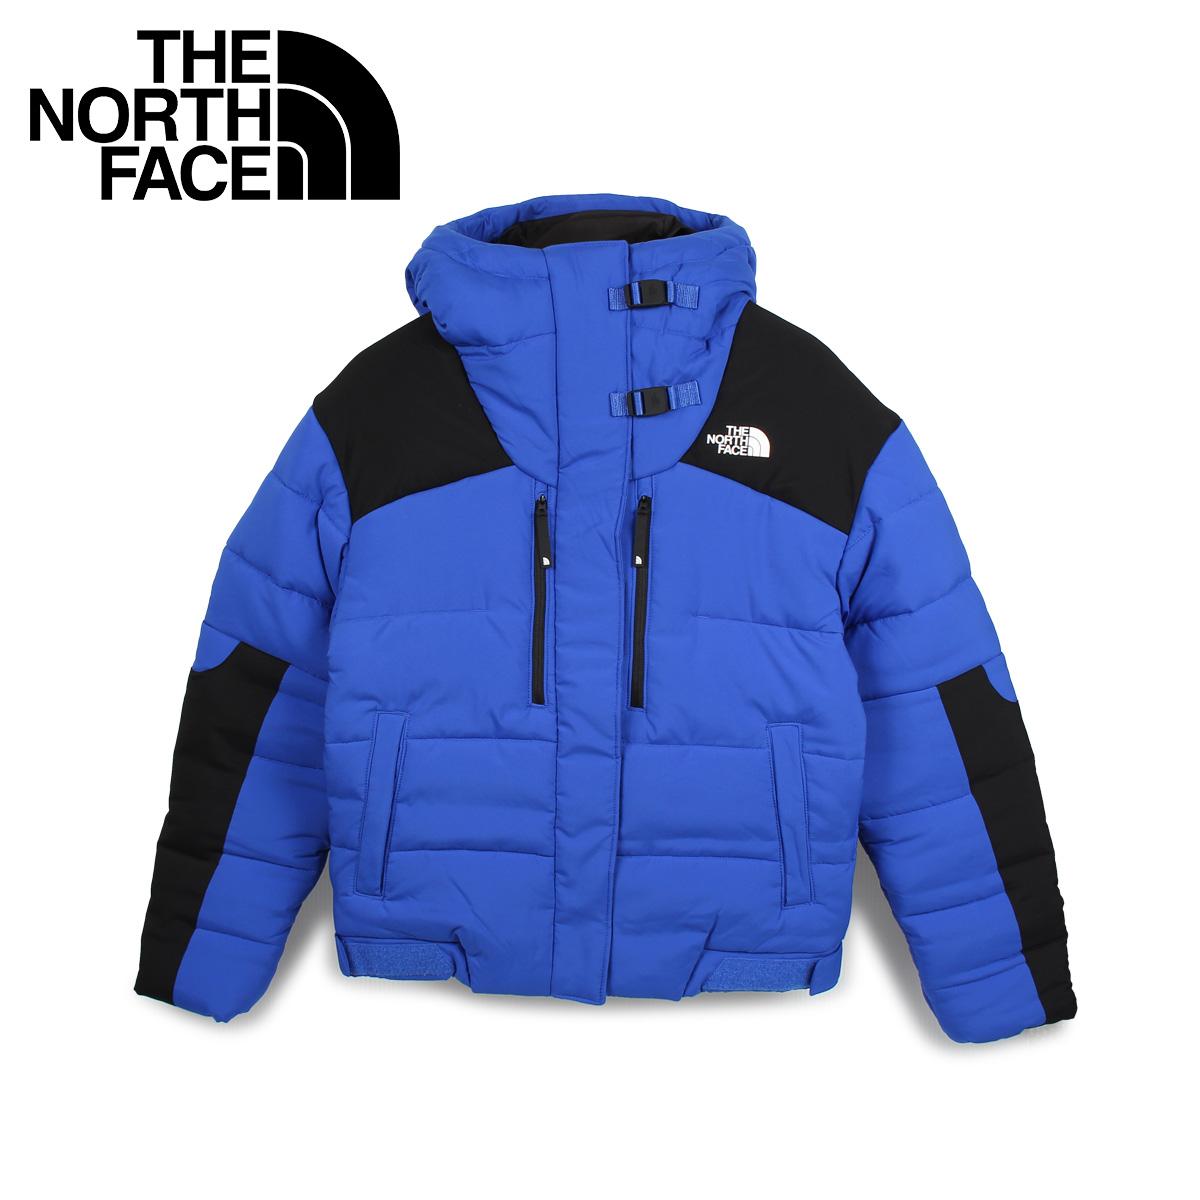 マウンテンジャケット ブルー ジャケット WOMENS JACKET T93Y26 ノースフェイス THE HIMALAYAN レディース FACE NORTH PUFFER